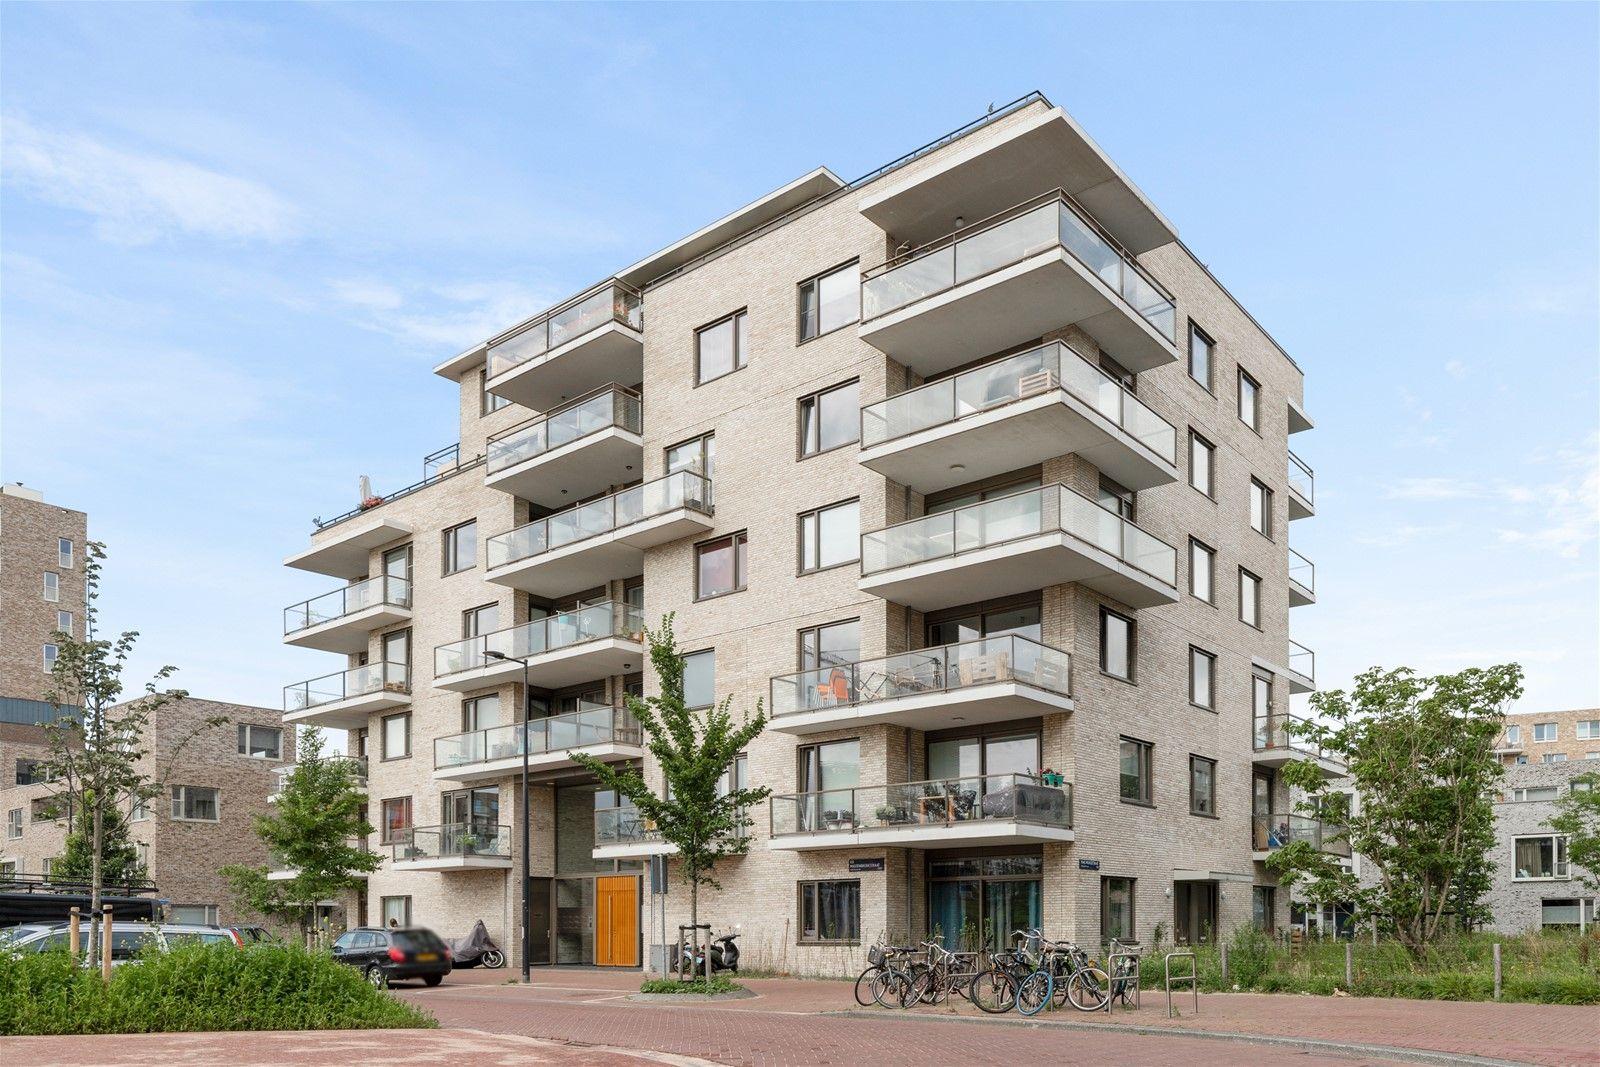 Rie Mastenbroekstraat 61, Amsterdam